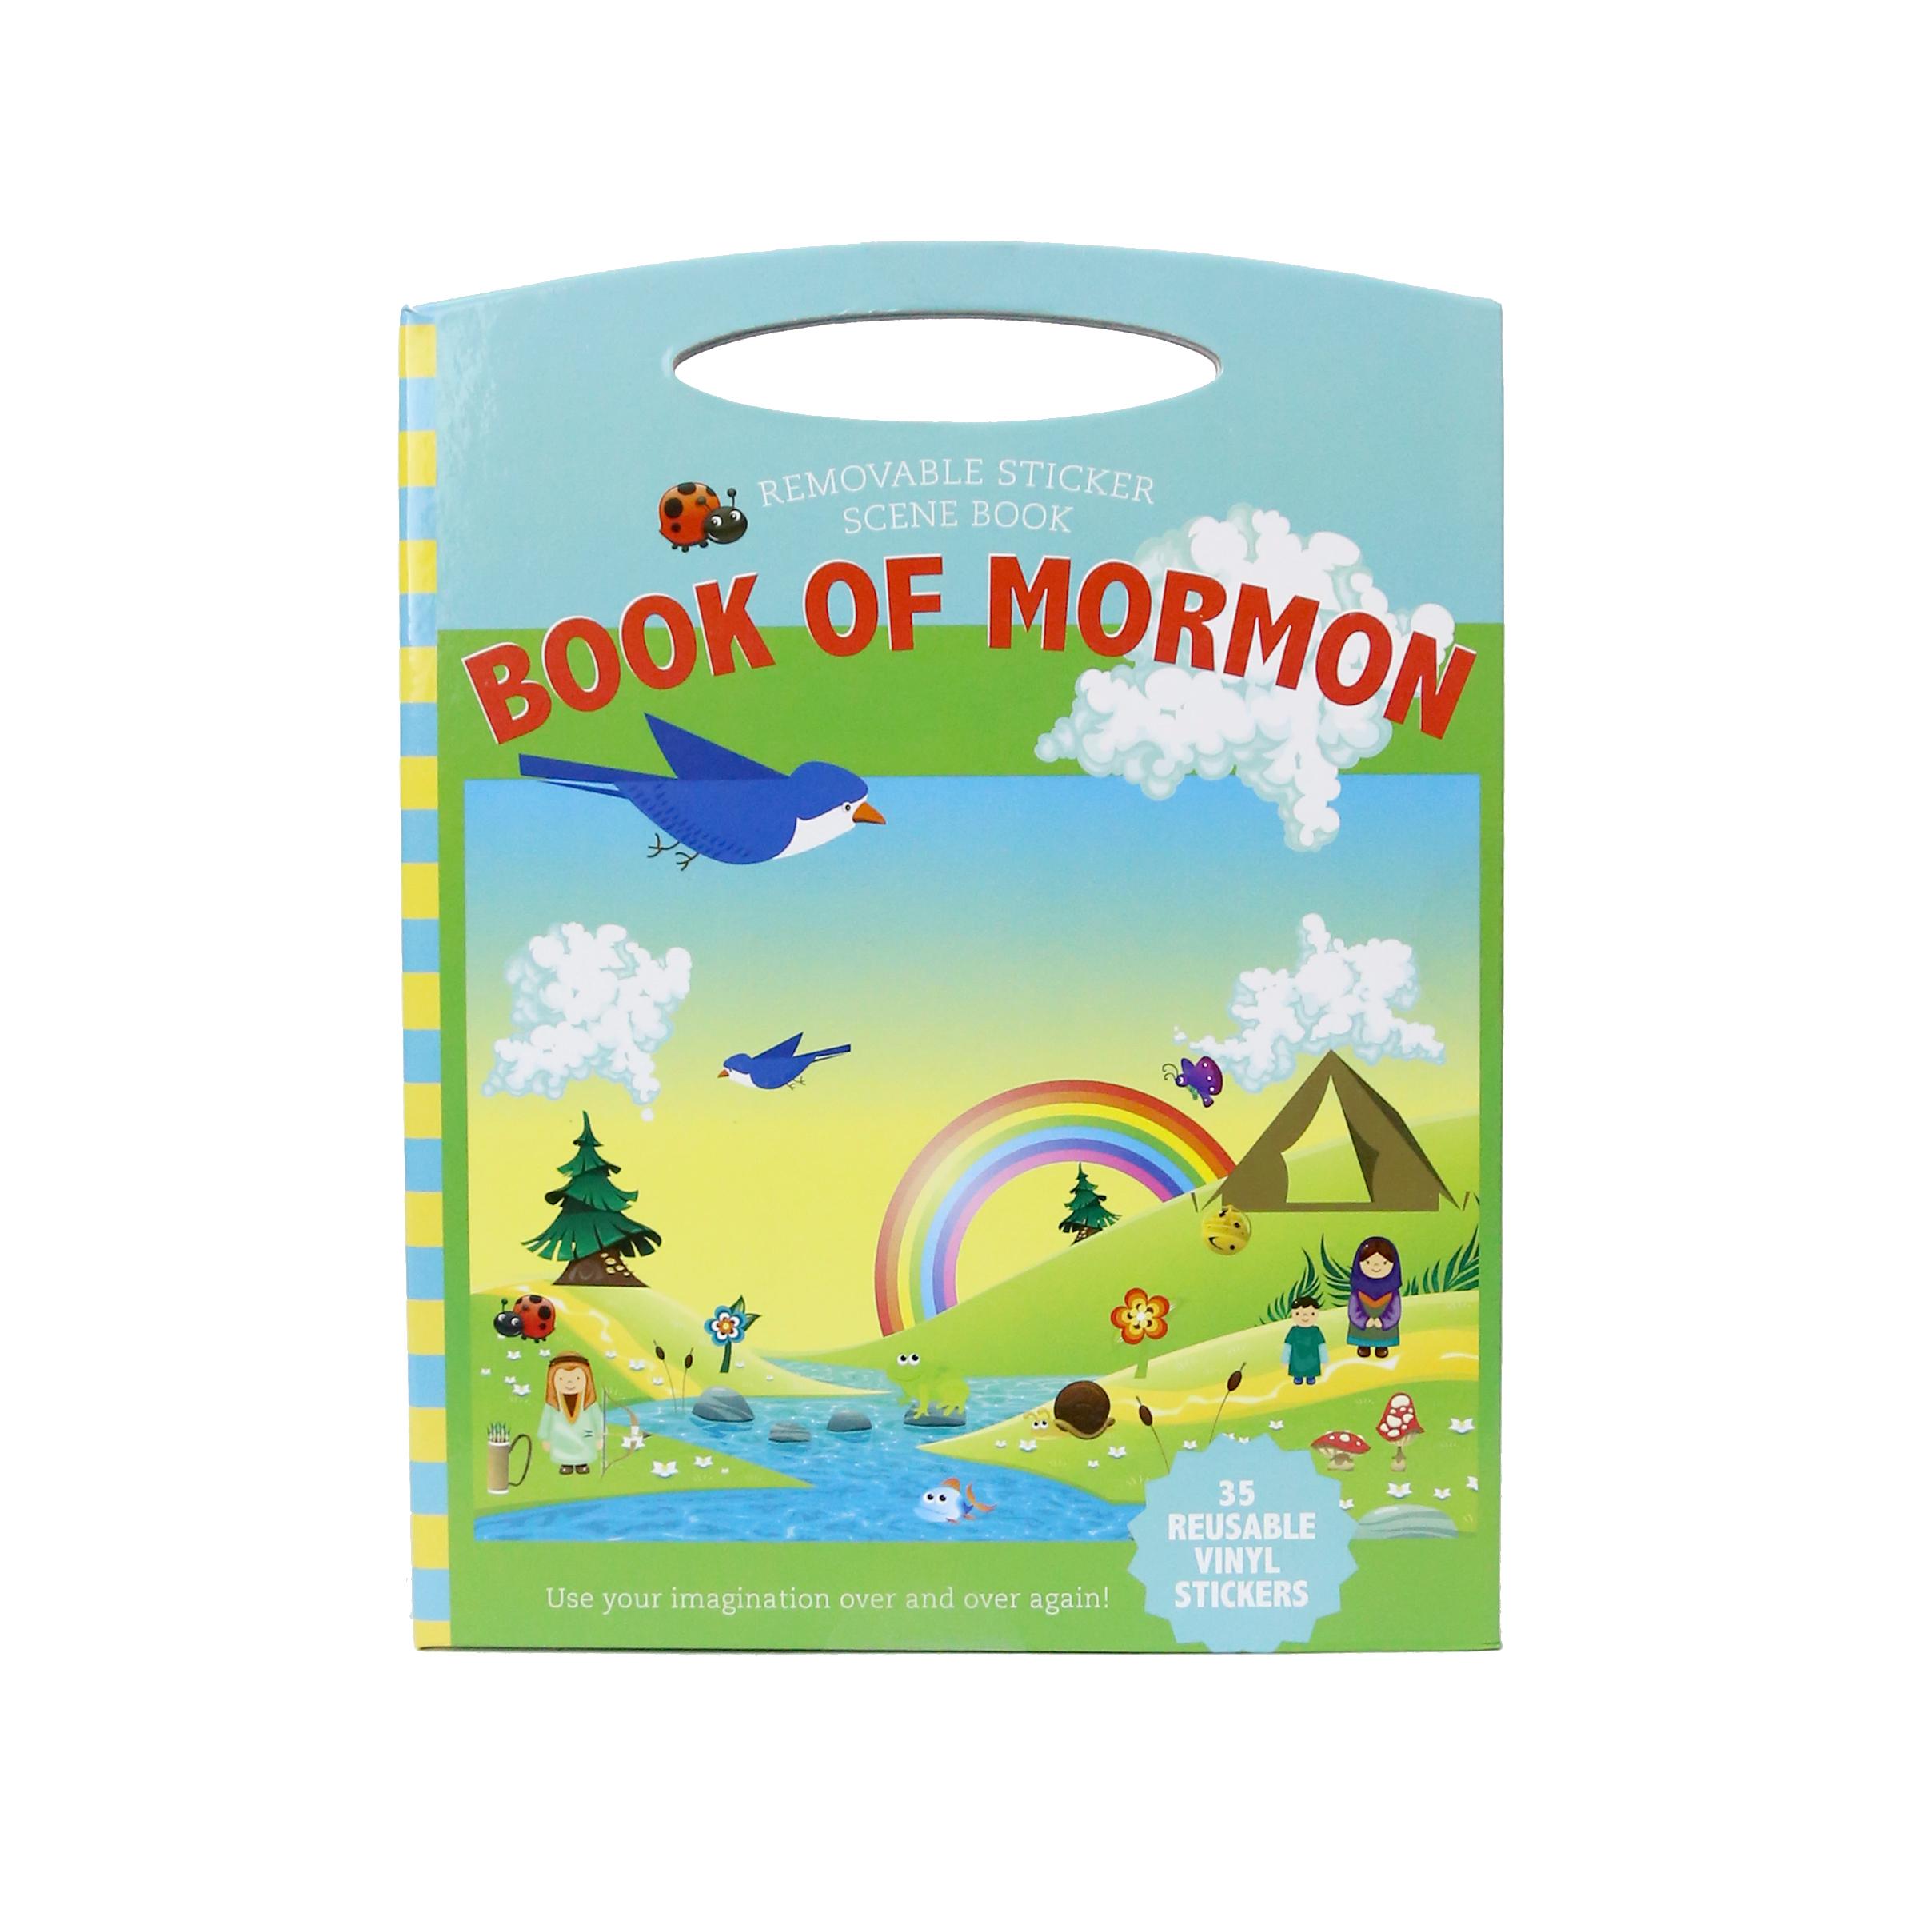 Book of Mormon Removable Sticker Scene Book - CF-P06605